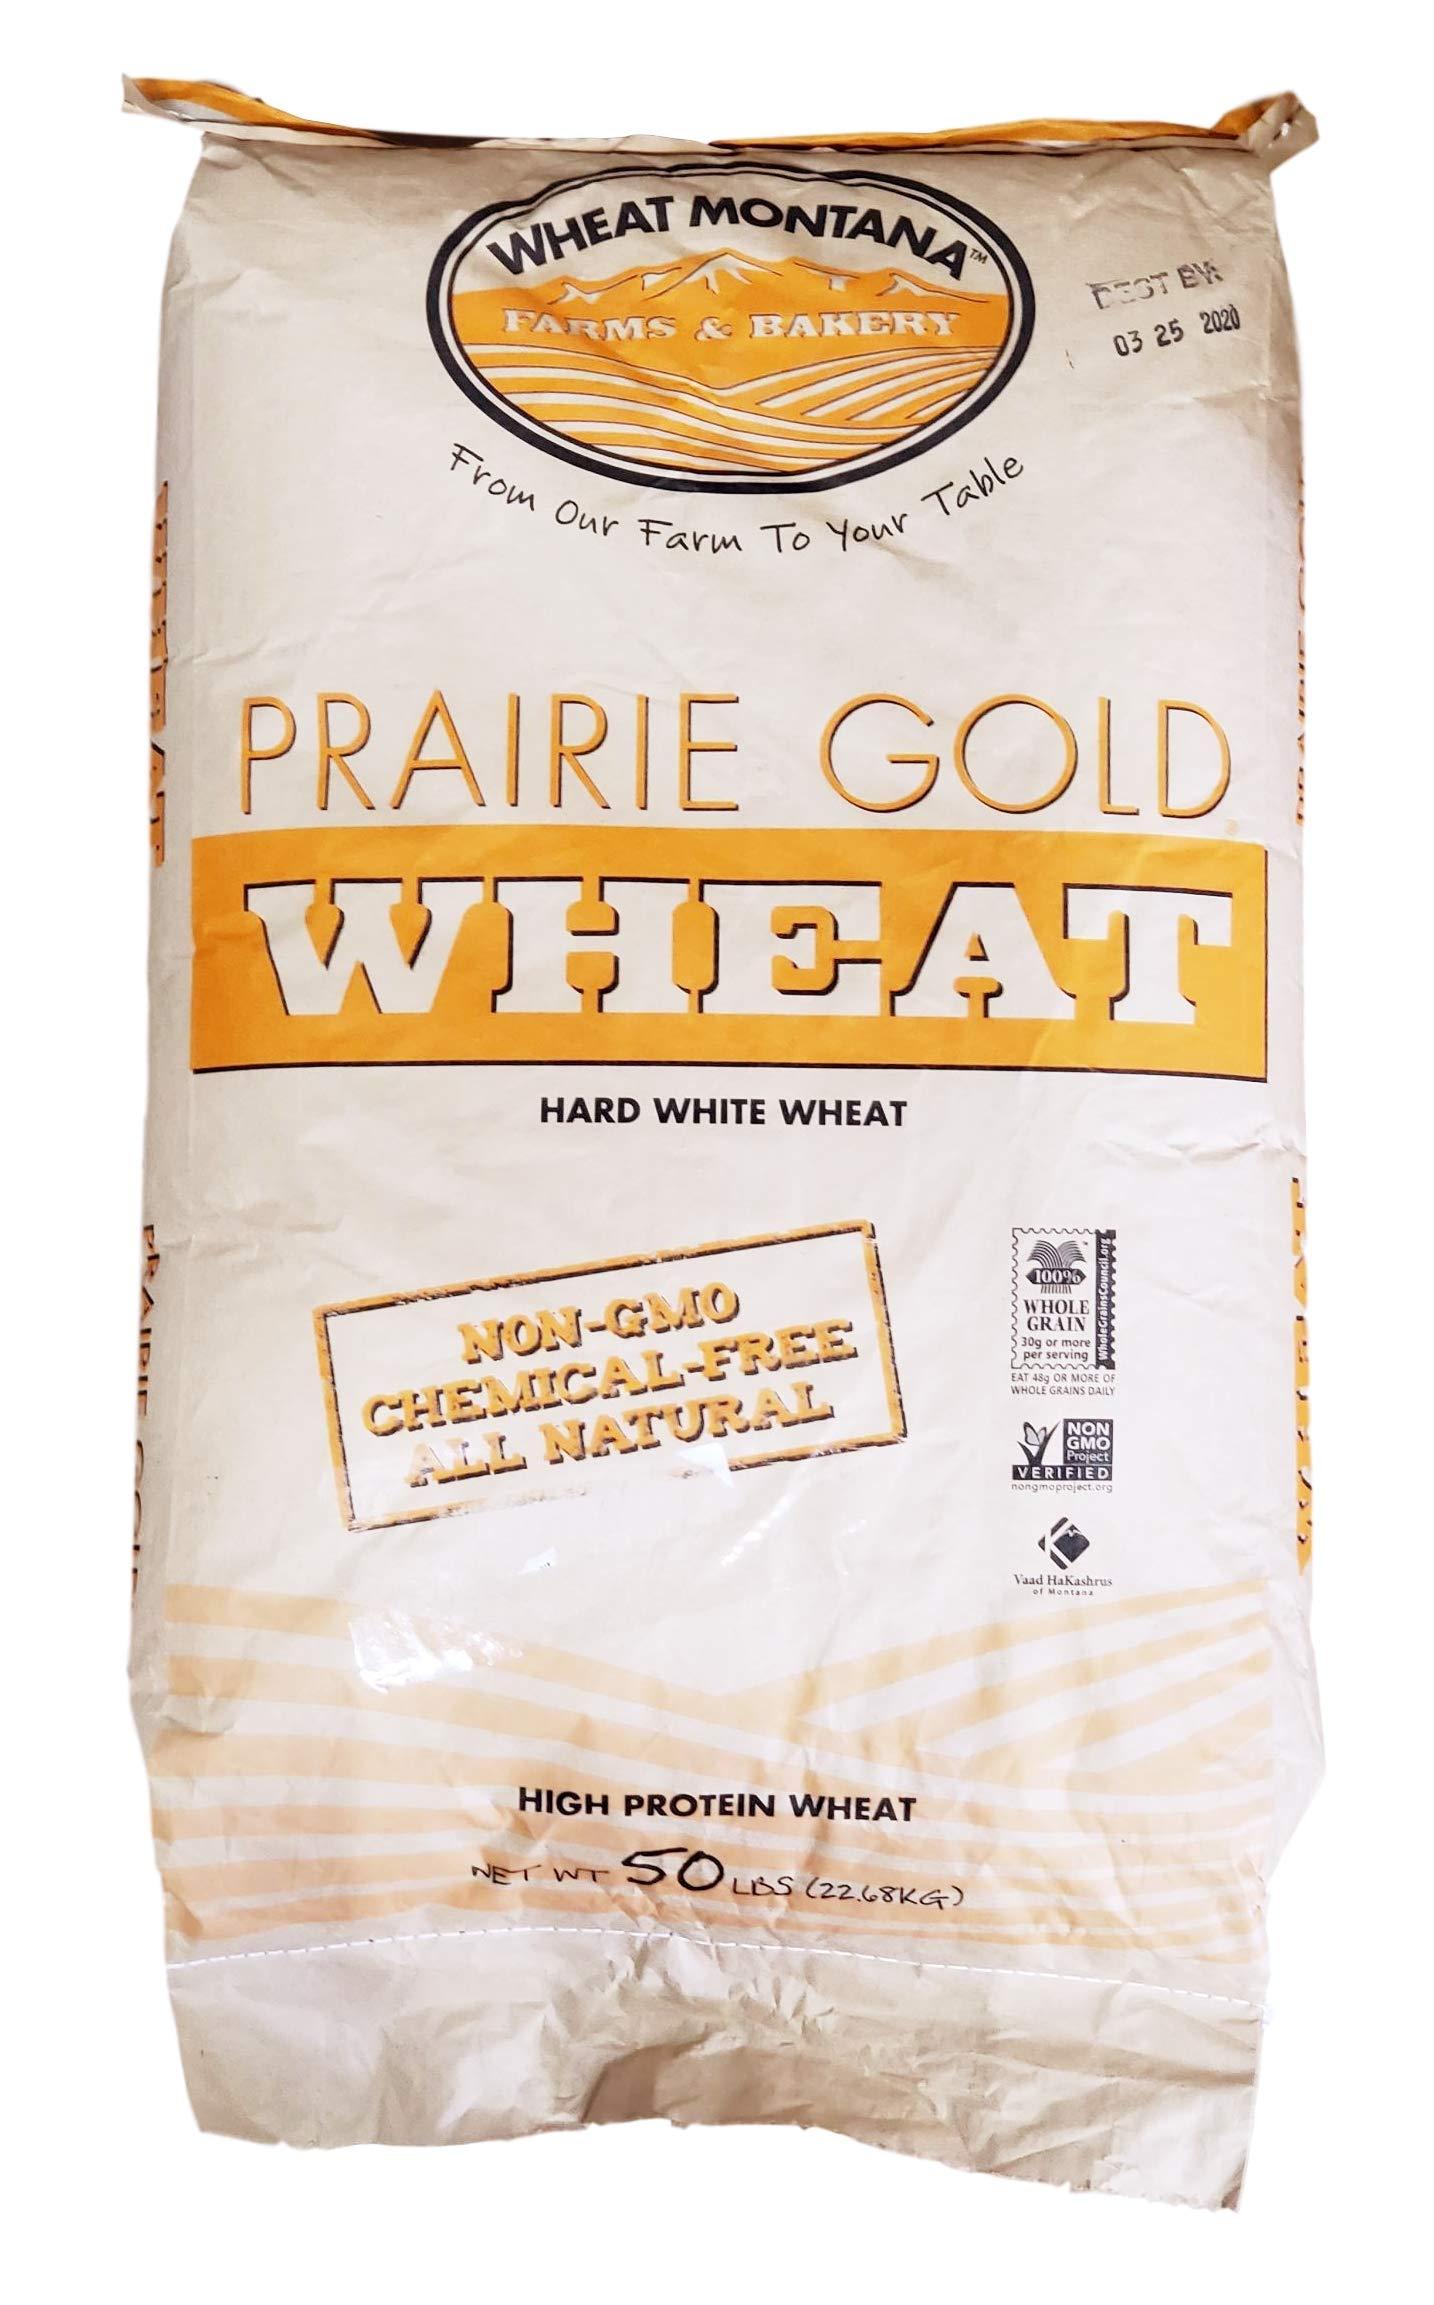 Wheat Montana - Prairie Gold Wheat Berries - 1 pack - 50lb bag